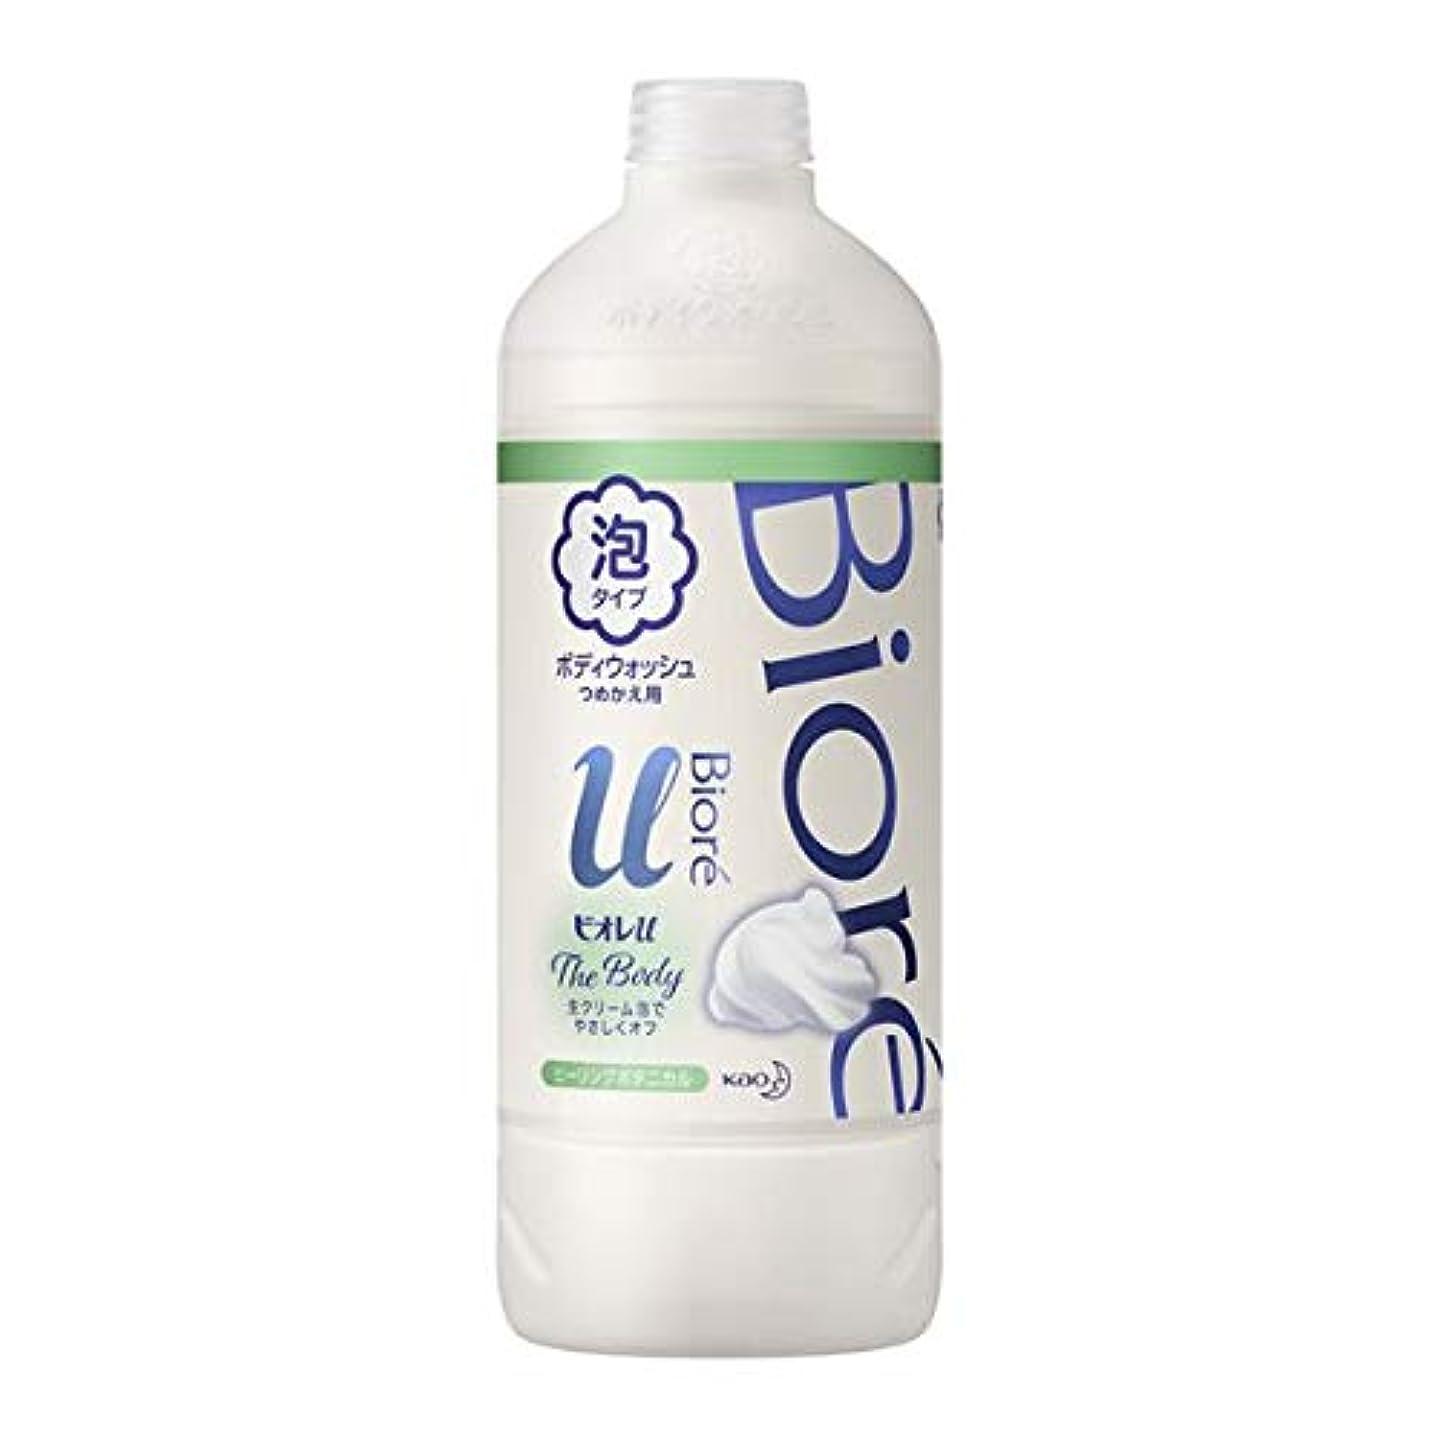 ソフトウェア漏れ最も早い花王 ビオレu ザ ボディ泡ヒーリングボタニカルの香り 詰替え用 450ml